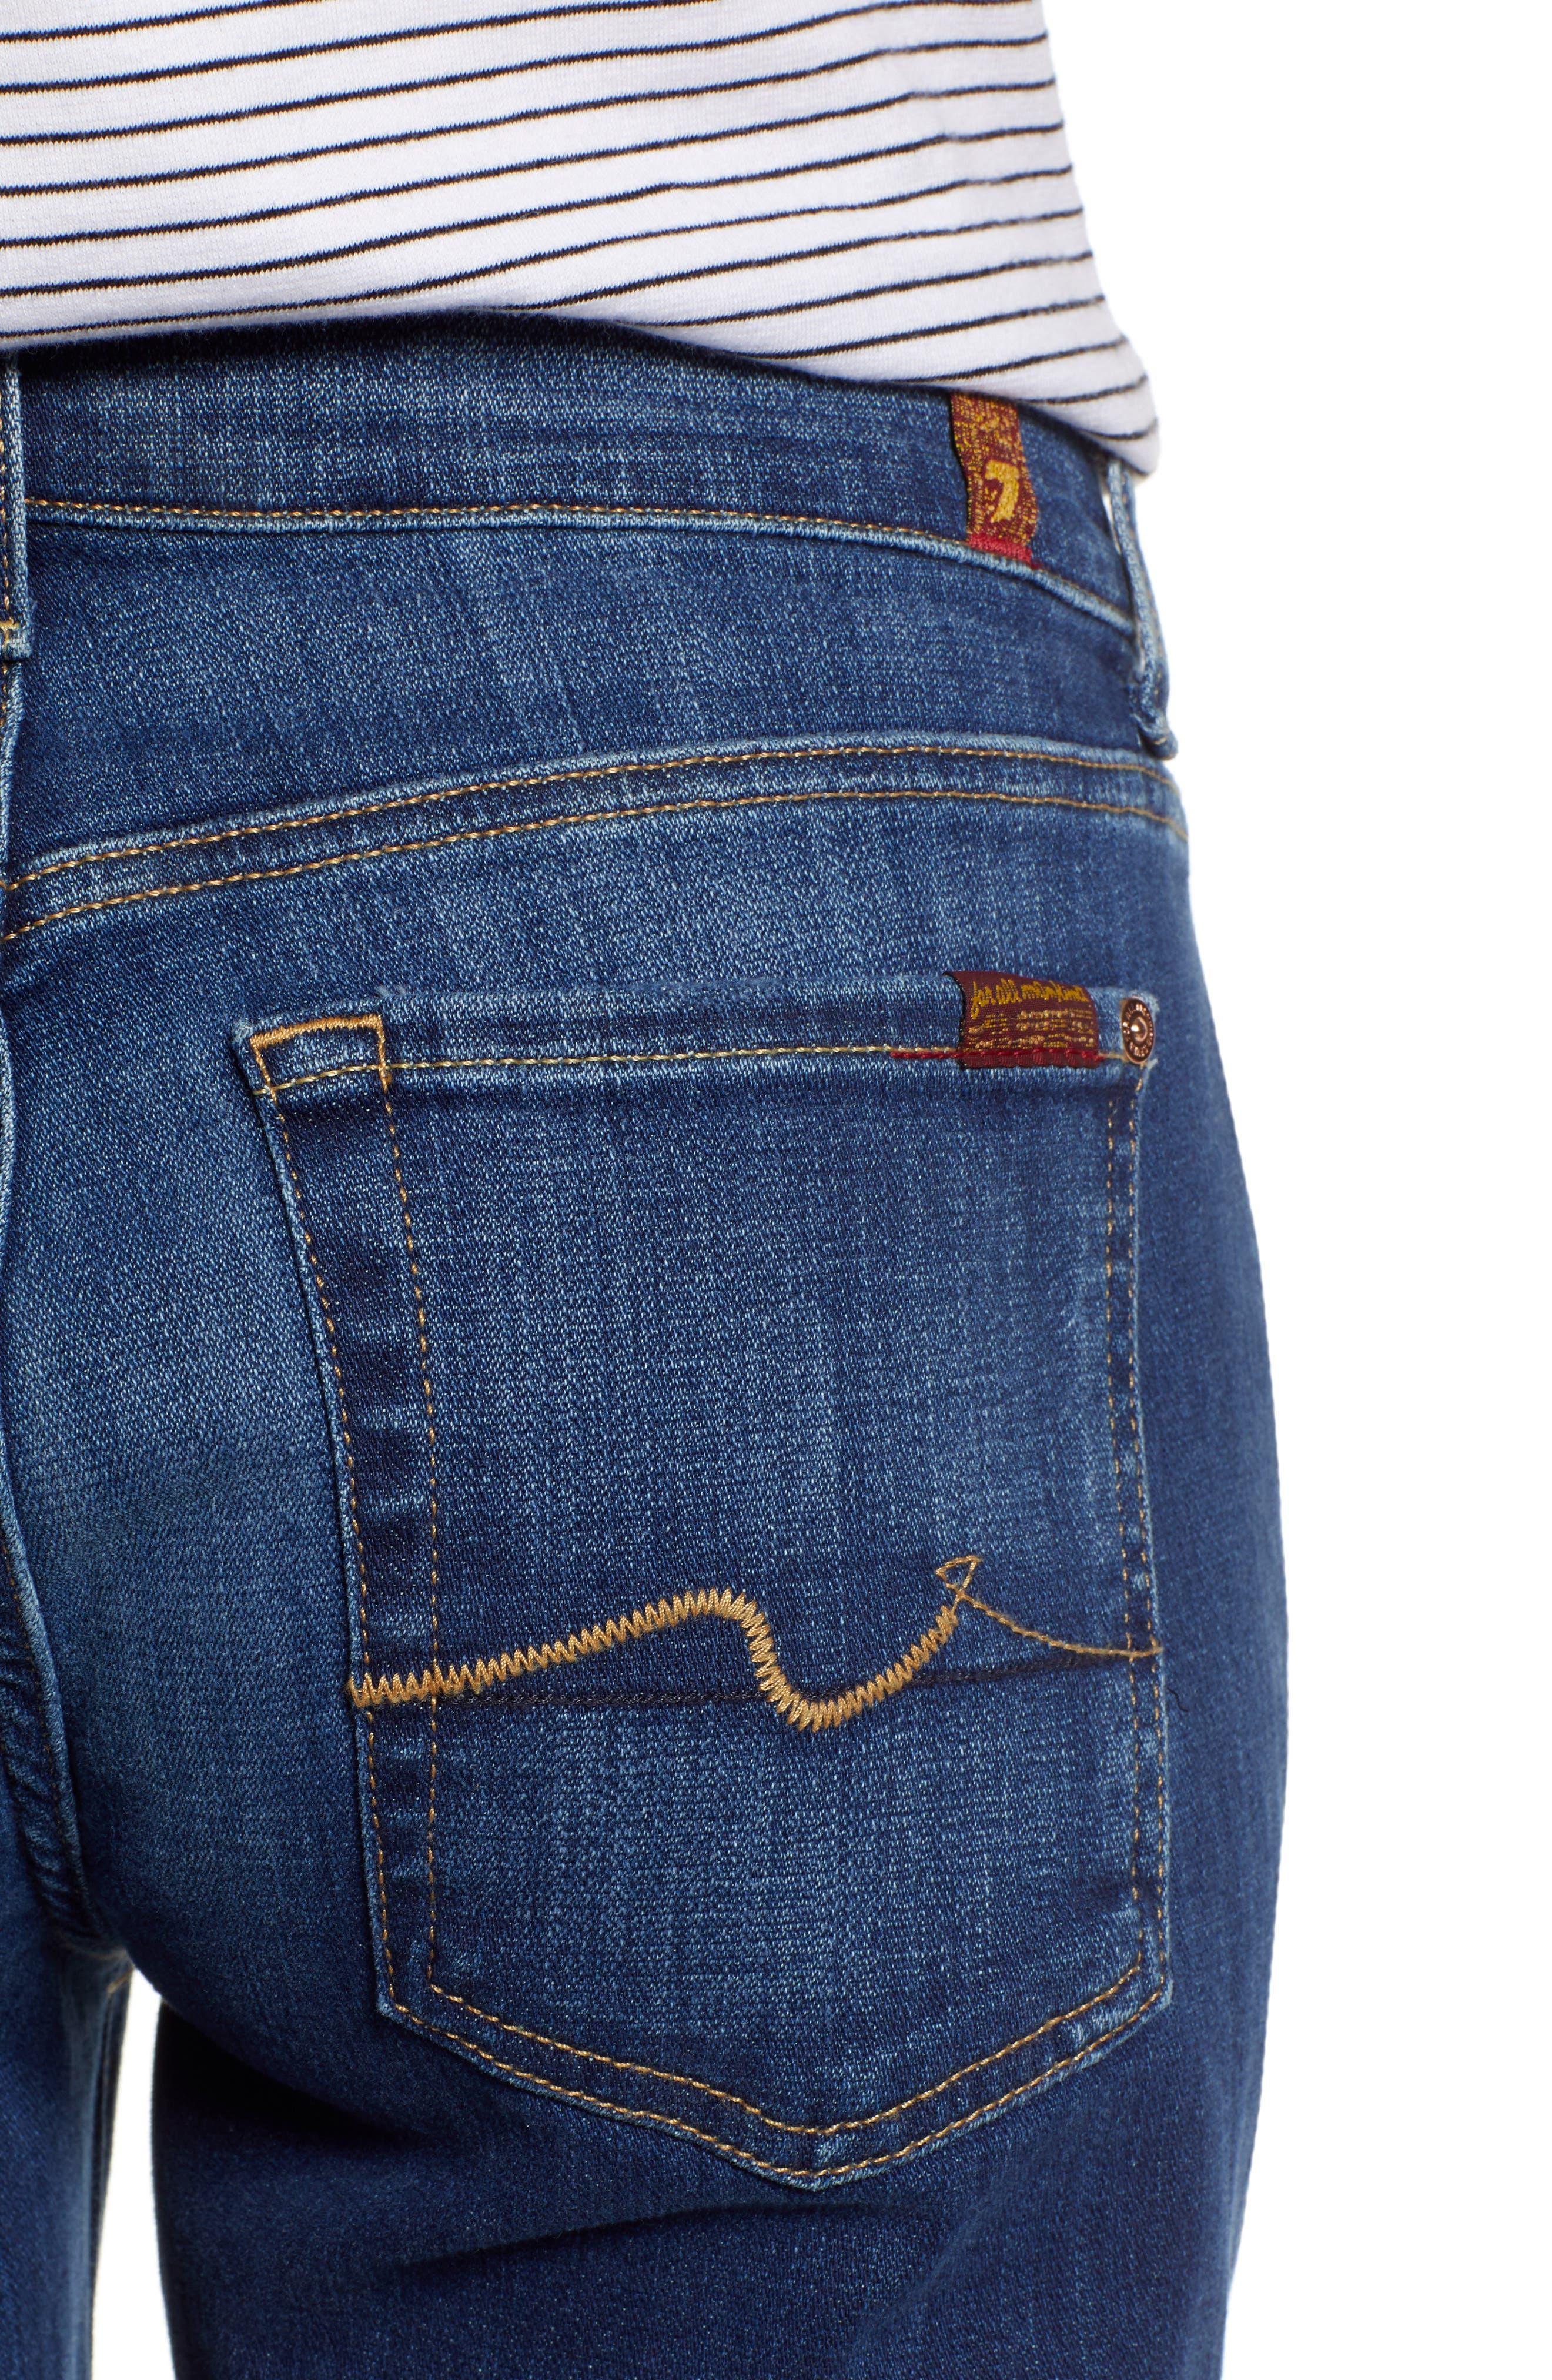 Josefina Boyfriend Jeans,                             Alternate thumbnail 4, color,                             BROKEN TWILL VANITY W/ DESTROY